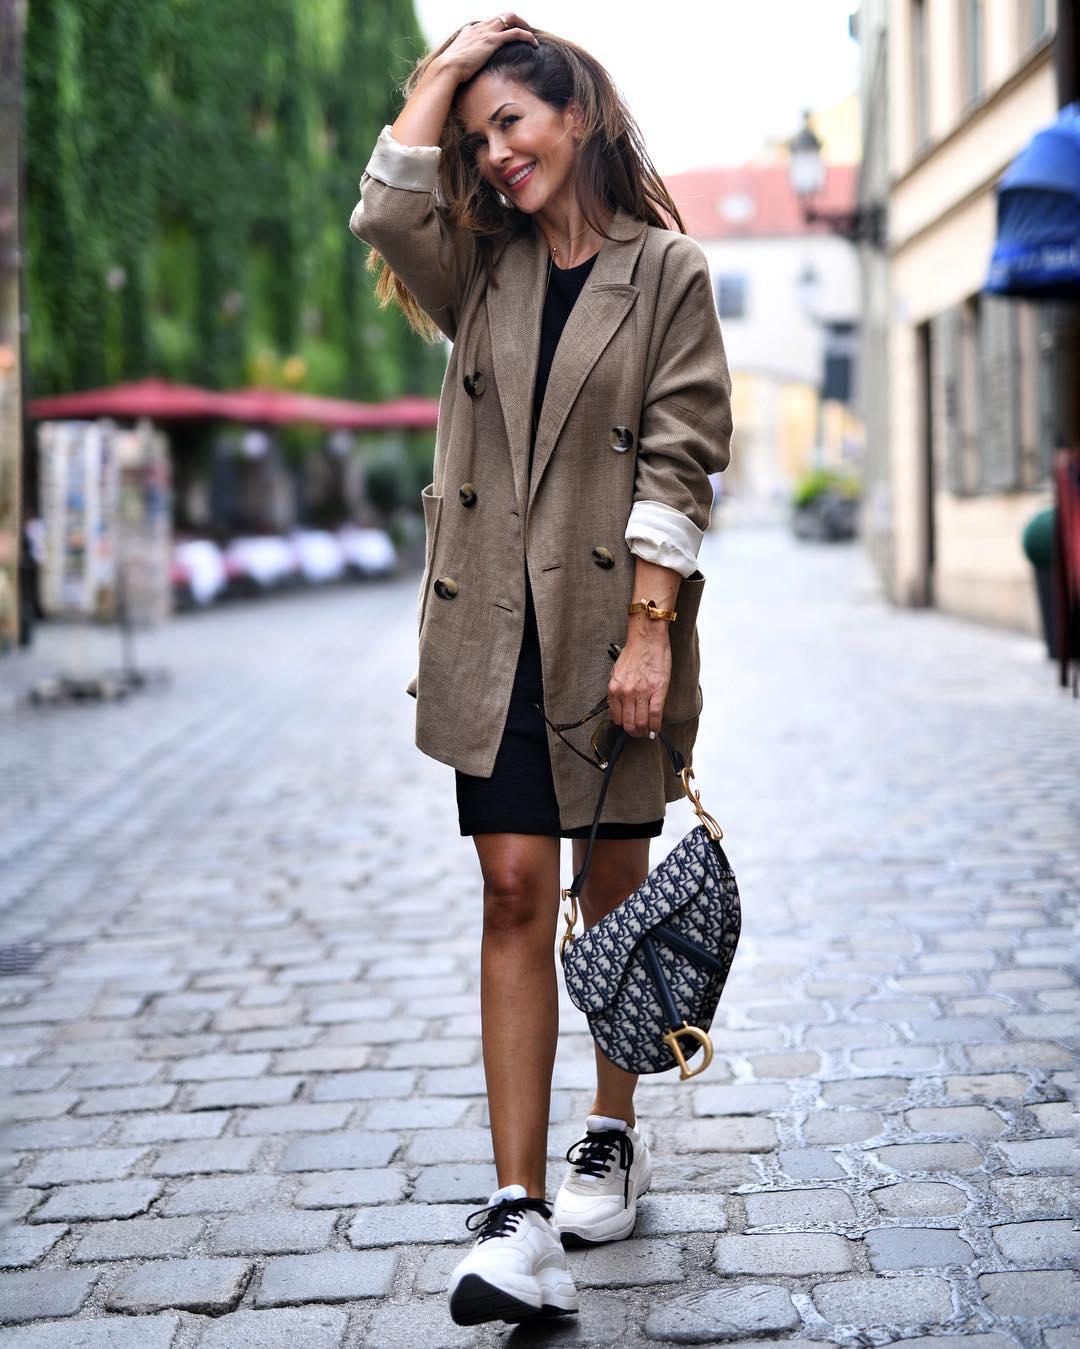 Платье с кроссовками фото_24